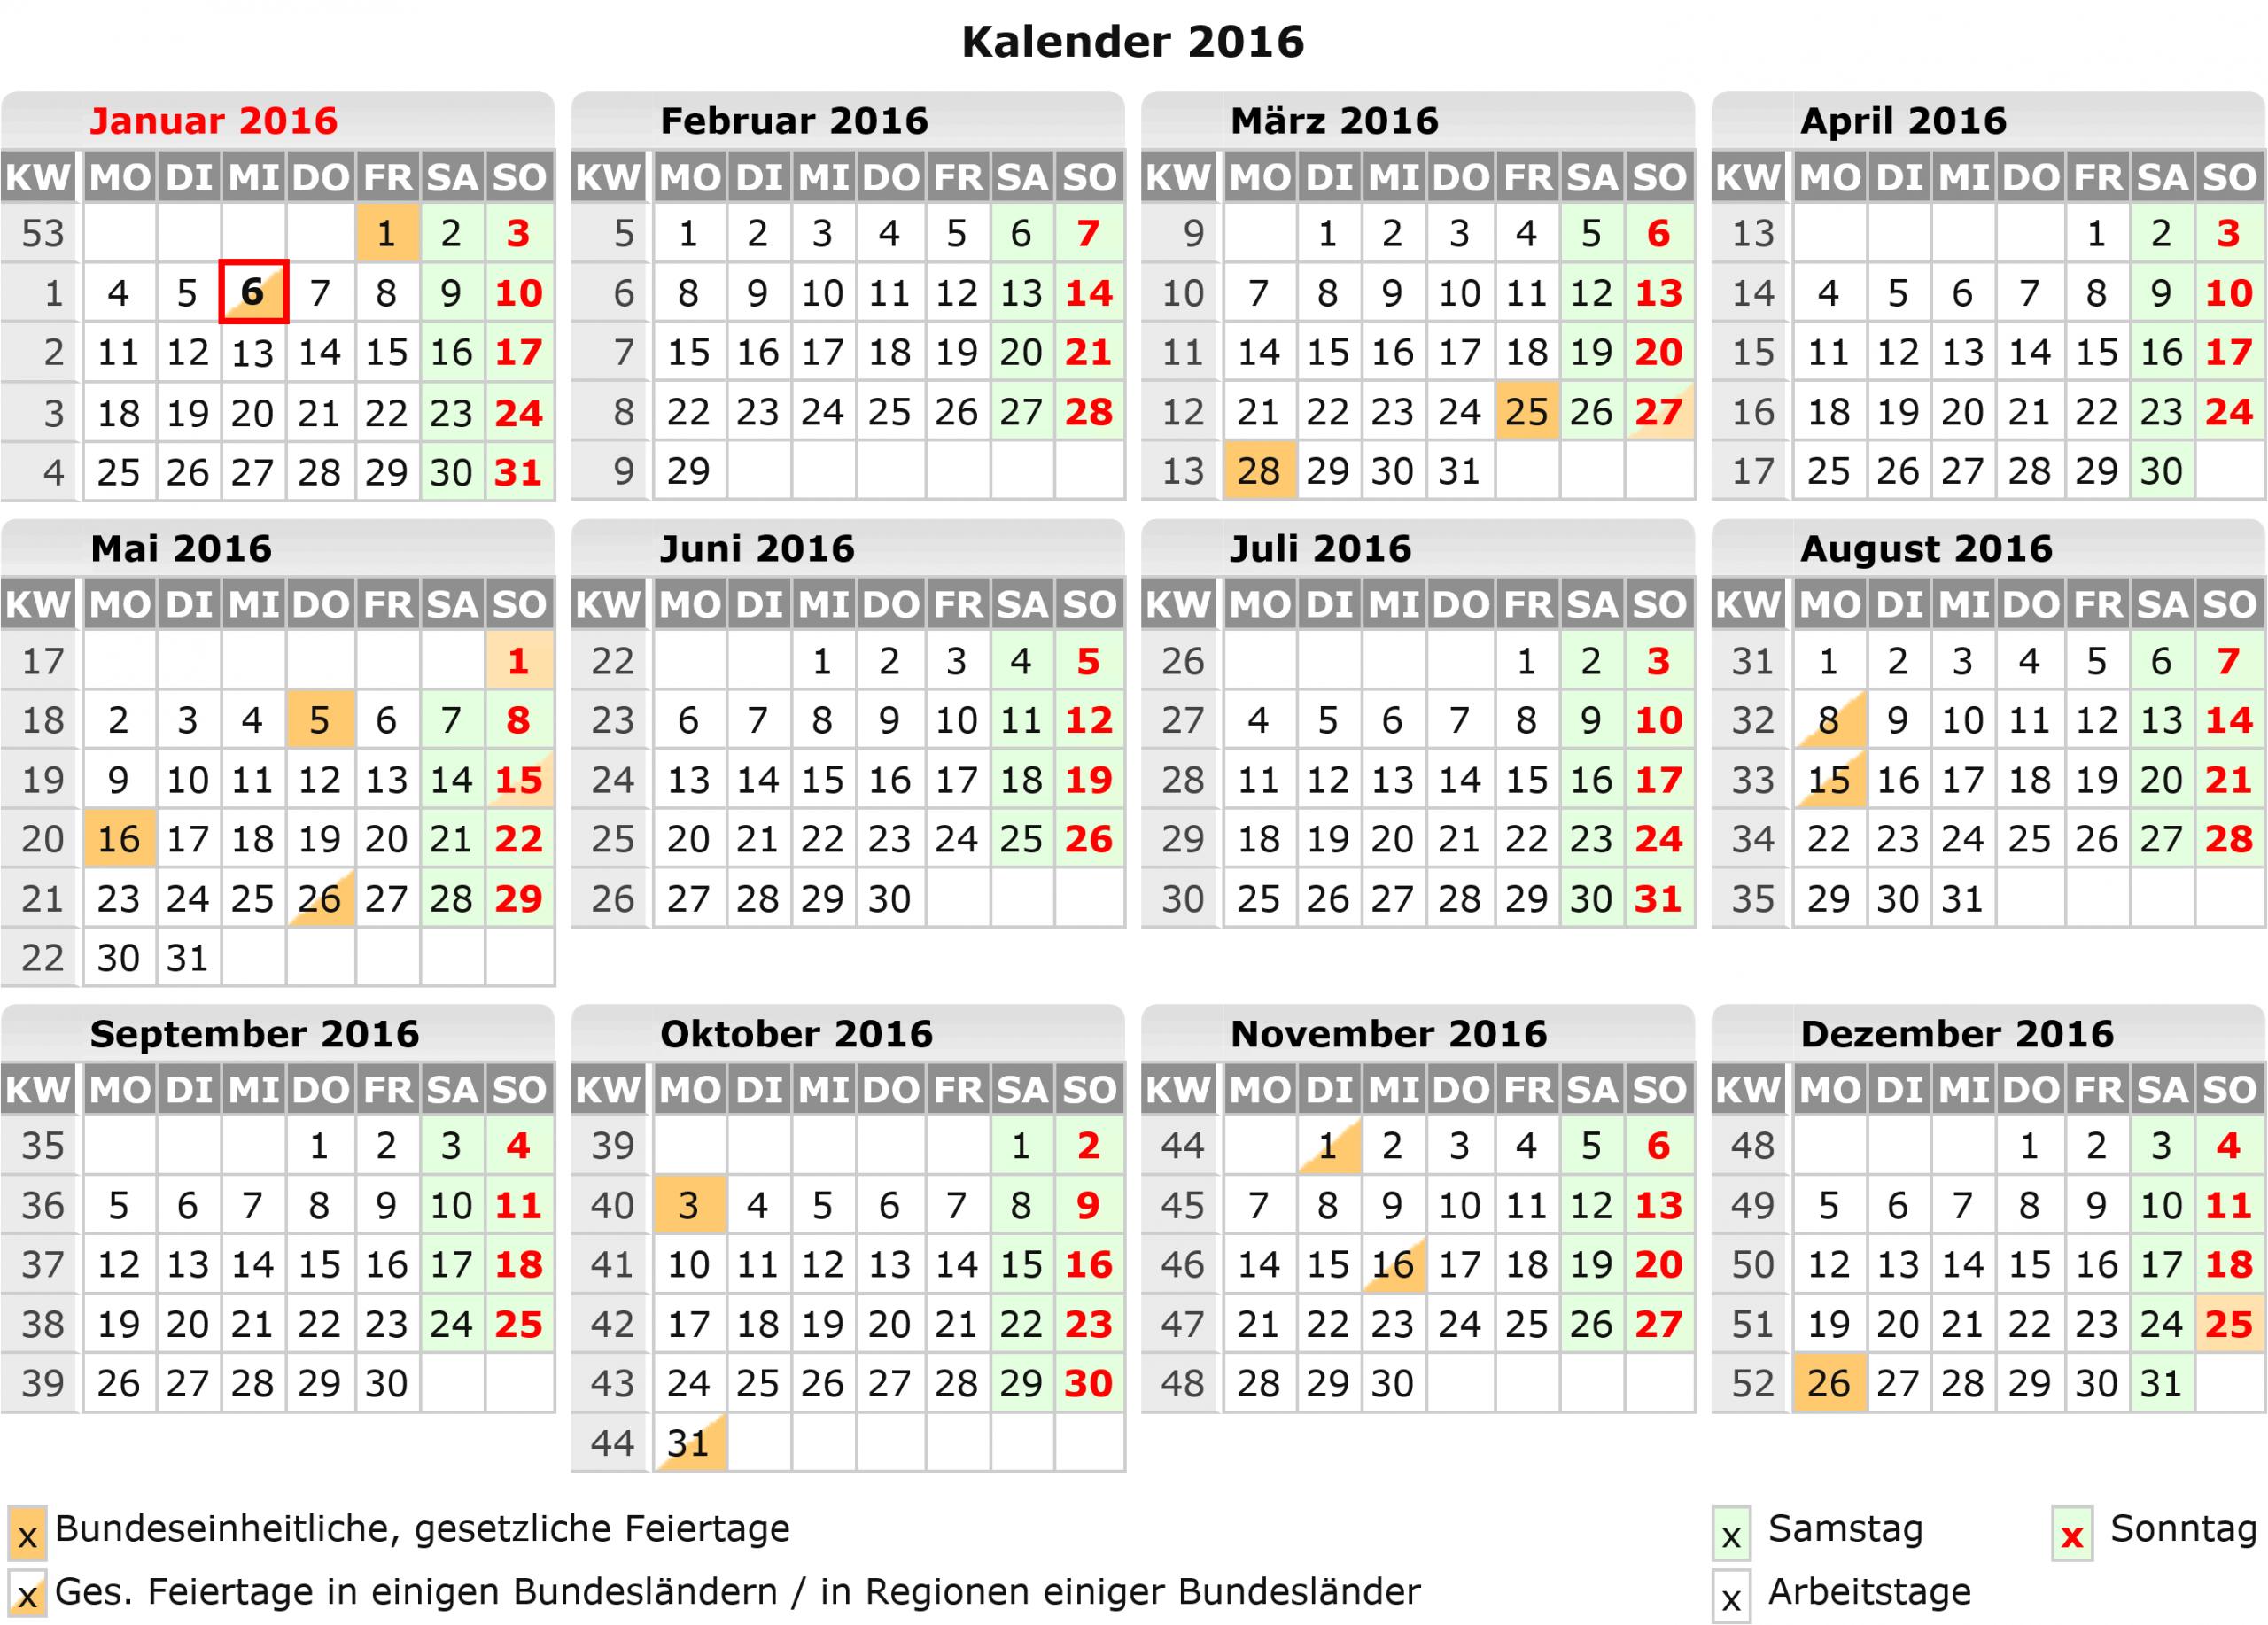 Kalender 2016 Zum Ausdrucken Kostenlos ganzes Kalender 2016 Kostenlos Ausdrucken